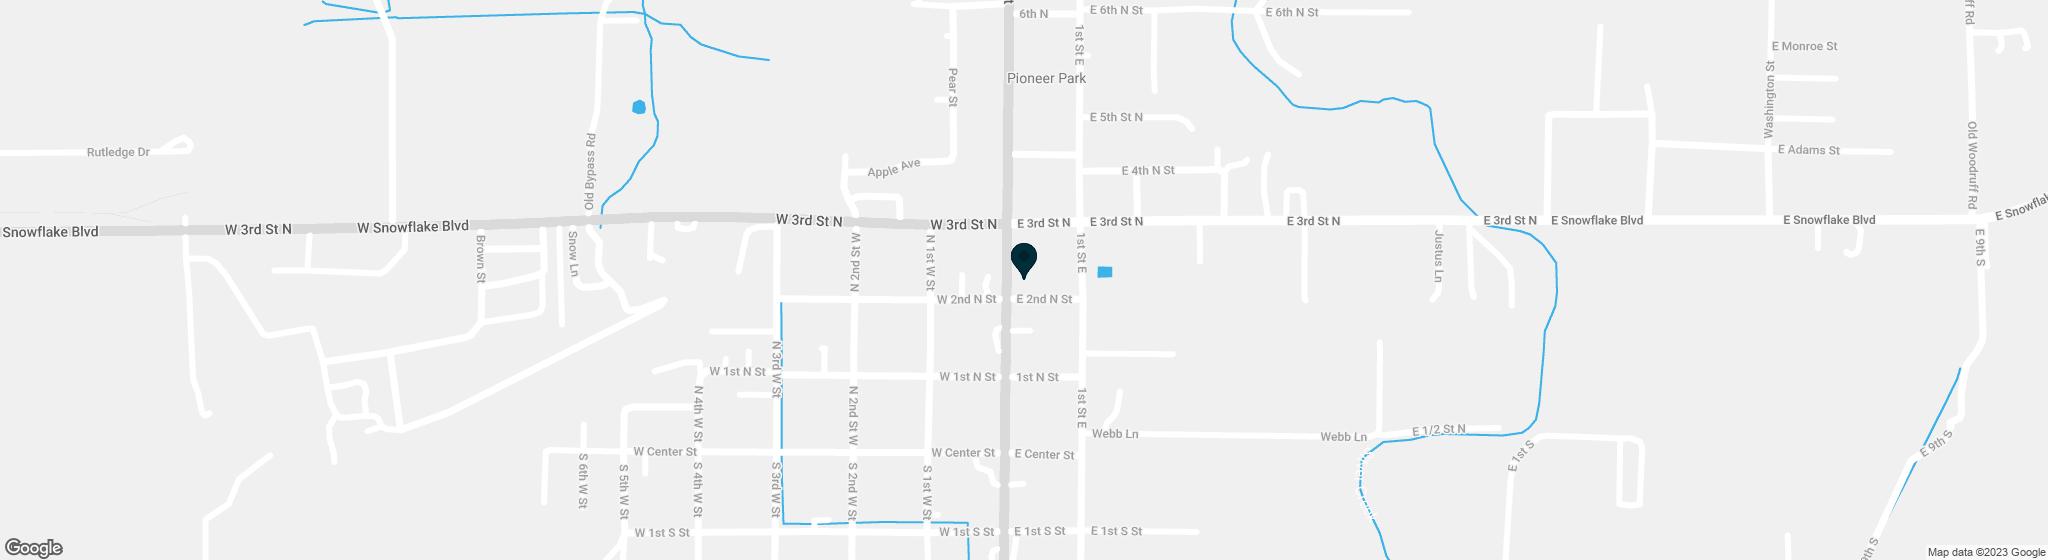 202 savage Lane - Snowflake AZ 85937